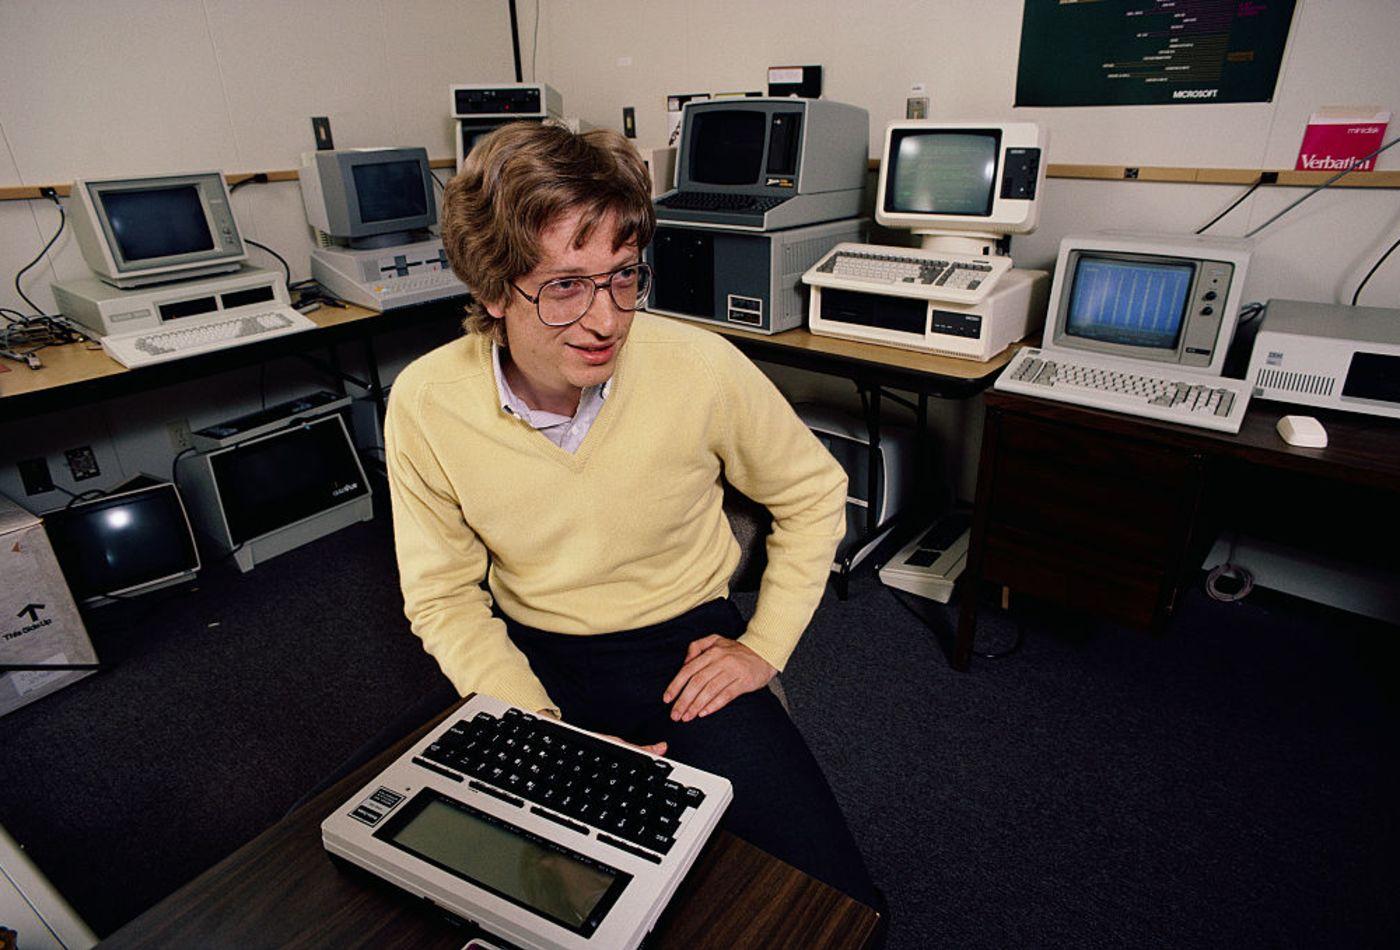 چرا برنامه نویسان، برنامه می نویسند؟